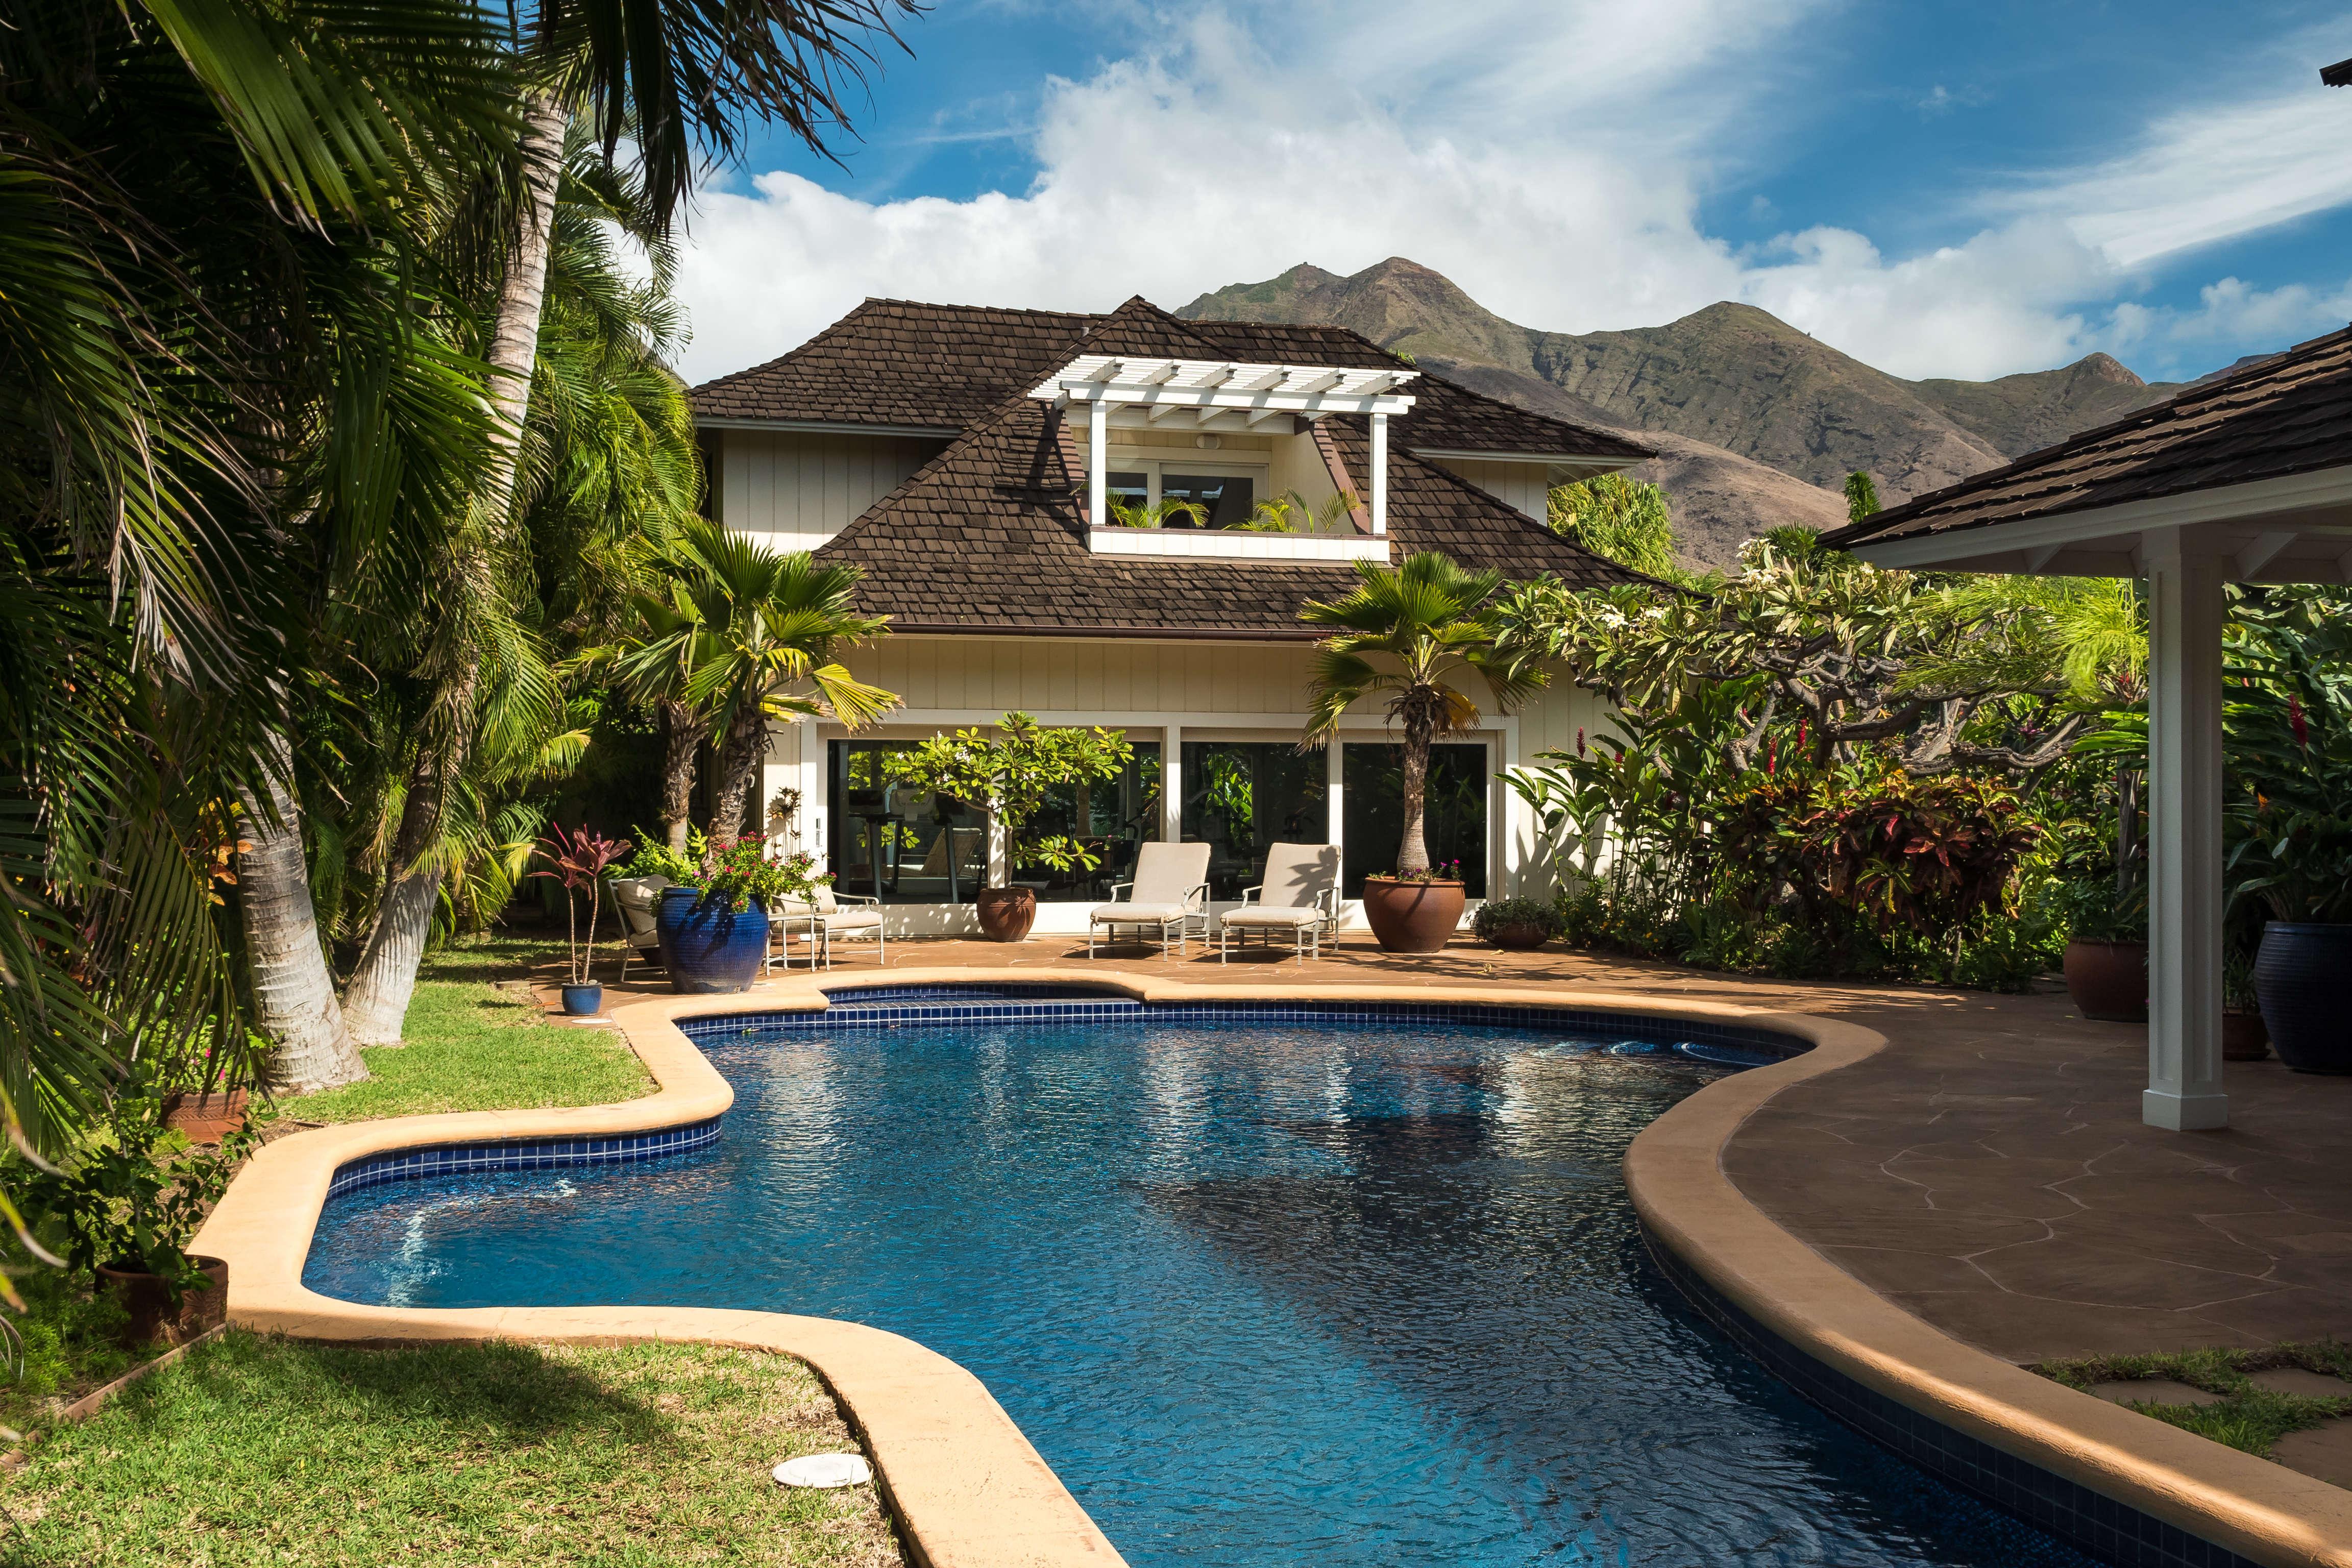 Luxury vacation rentals usa - Hawaii - Maui - Lahaina - Maui Royal Shores Villa - Image 1/38